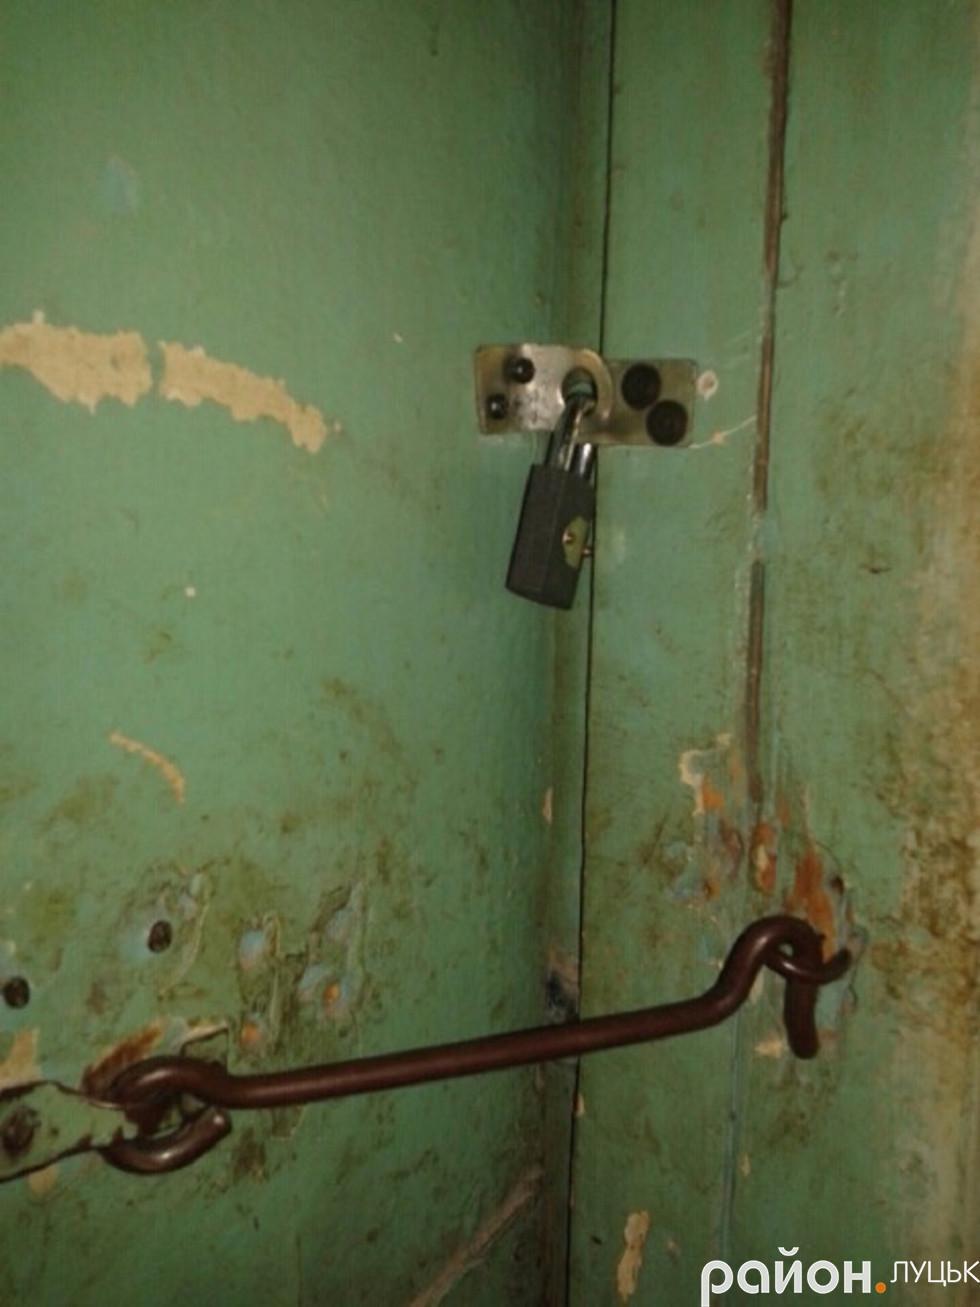 Сім'я Данилюків обмежила сусідам доступ до туалету загального користування